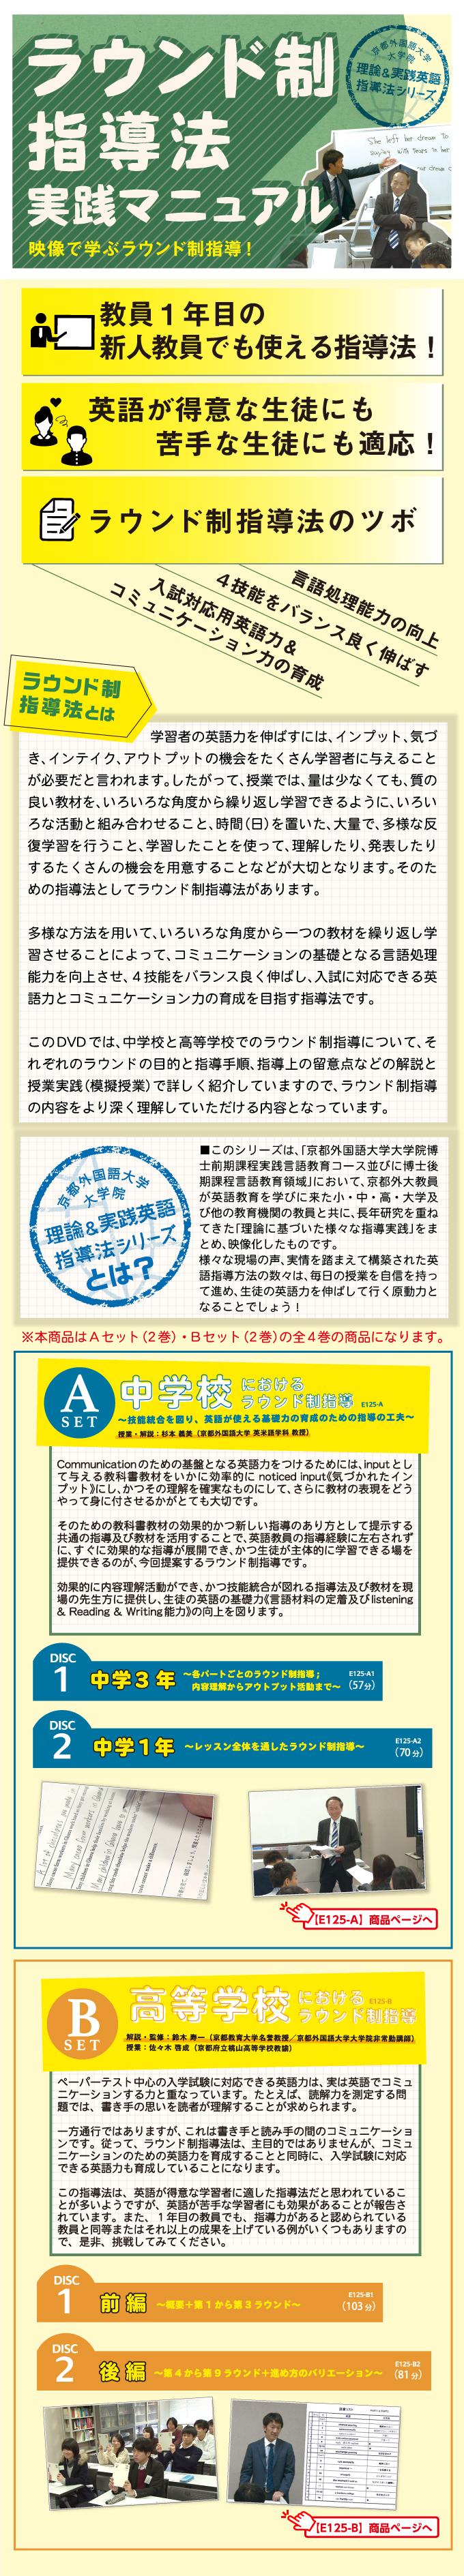 京都外国語大学 大学院・ 理論&実践英語指導法シリーズ 「ラウンド制指導法」 実践マニュアル